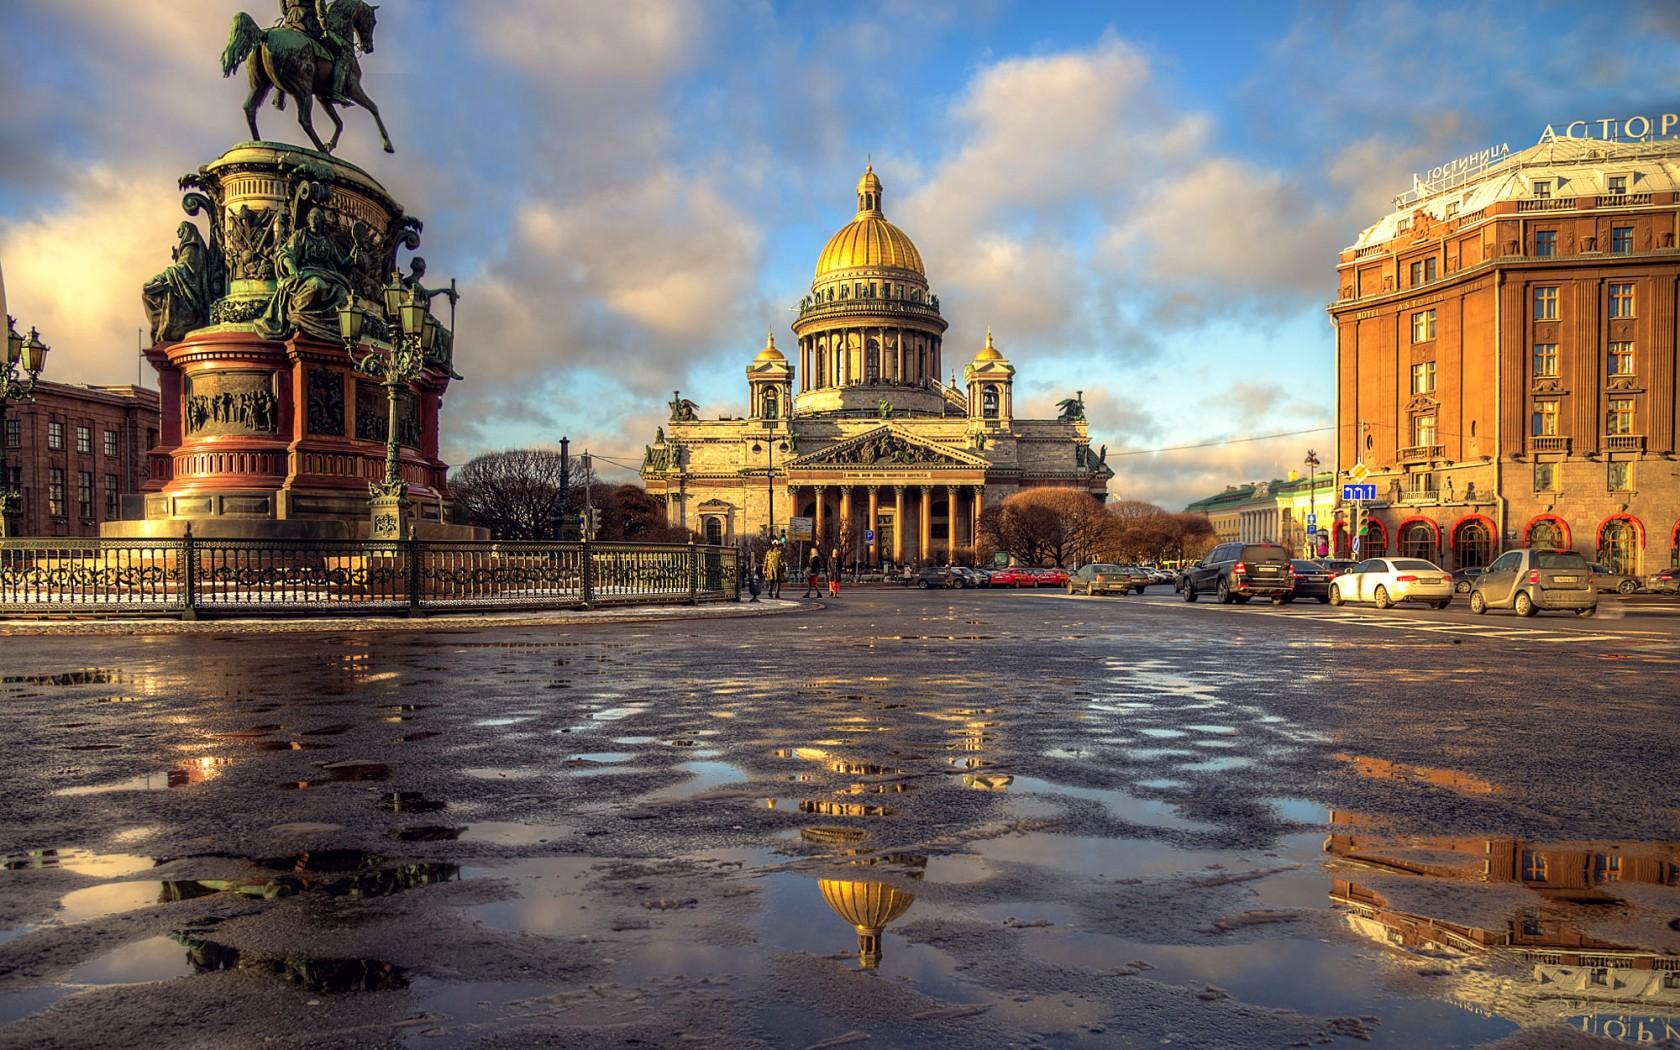 d80f8424ecf15 Как сэкономить в Питере - рассказываем интересные лайфхаки. Санкт-Петербург  ...